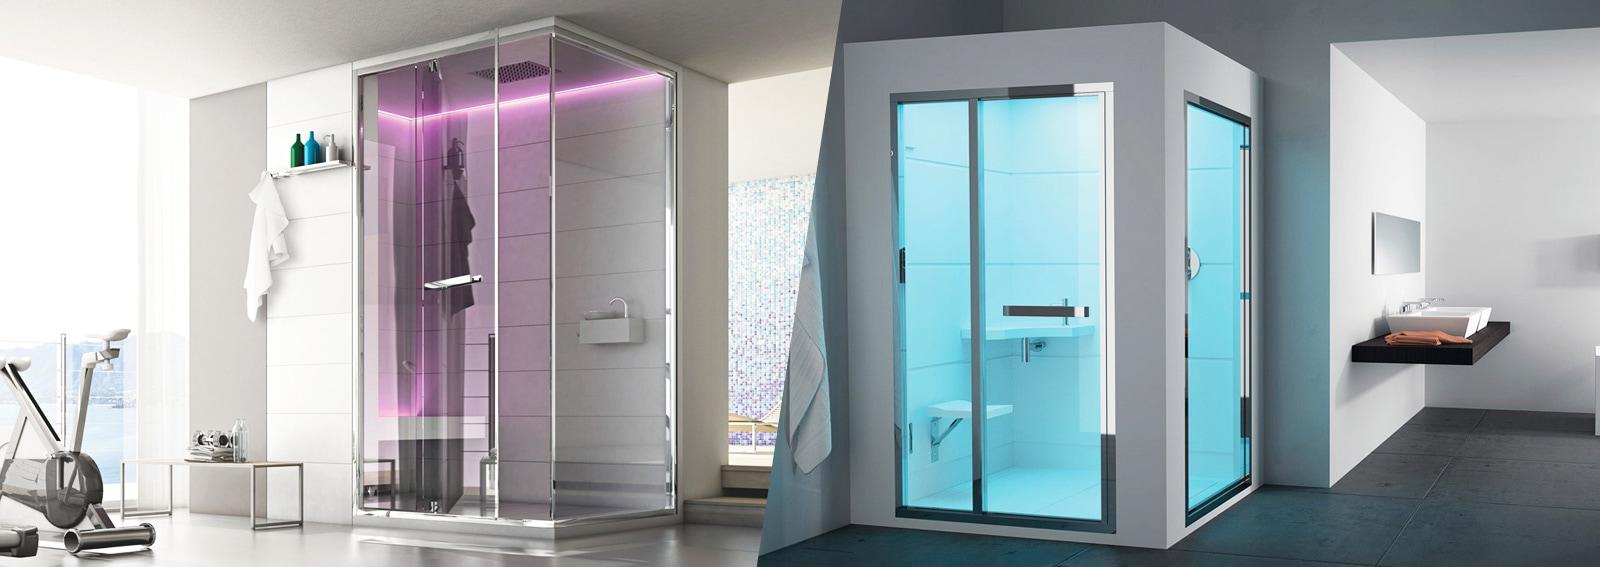 Box doccia 10 modelli tecnologici e di design - Pica casa box doccia ...